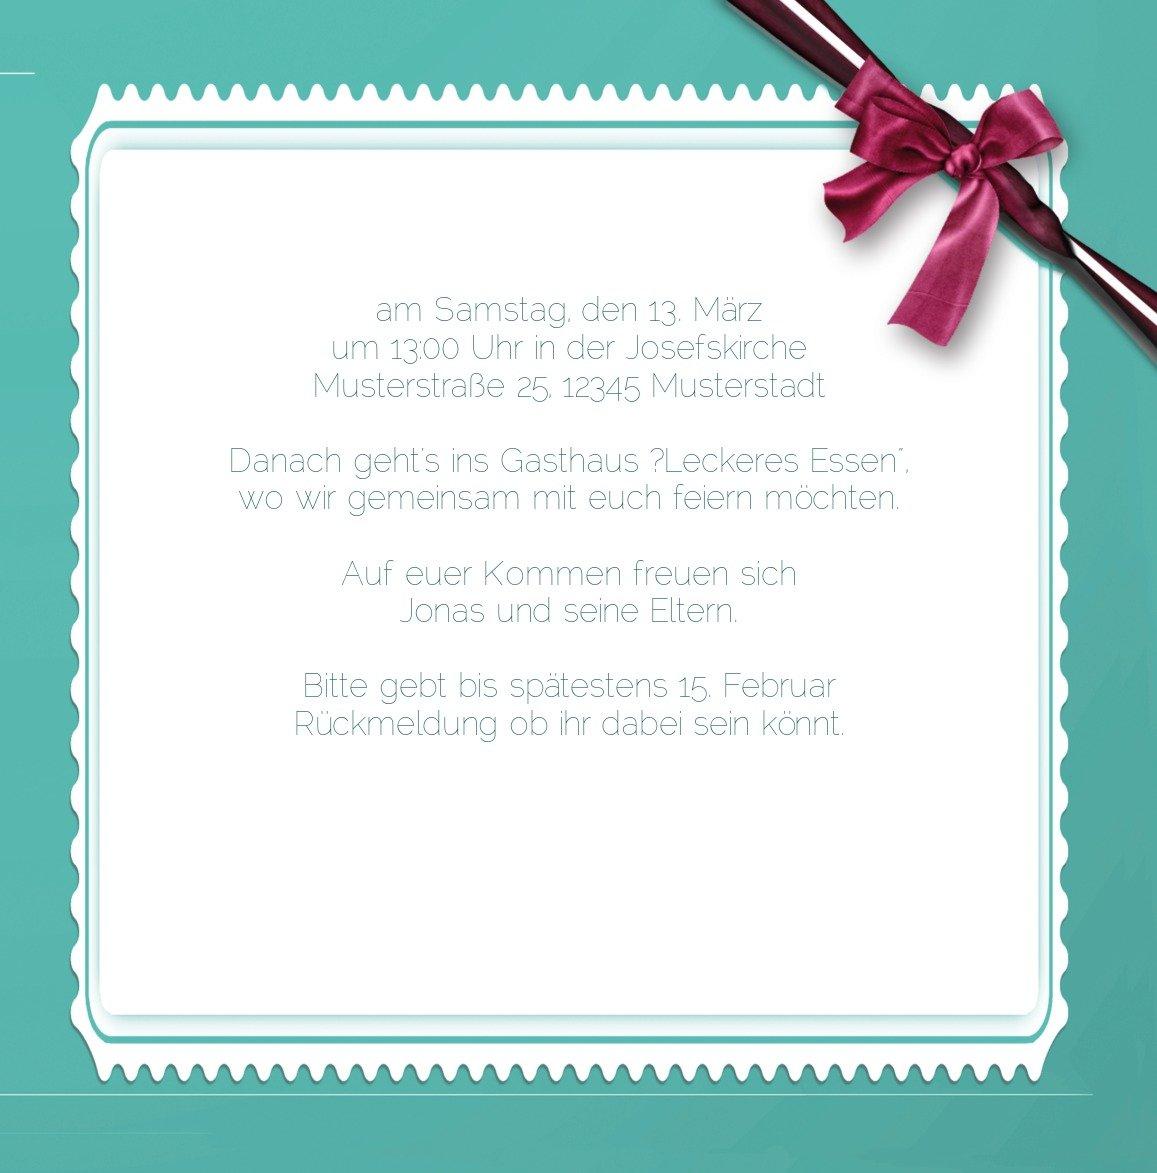 Kartenparadies Einladungskarte Taufeinladung Taufkarte Ribbon, Ribbon, Ribbon, hochwertige Einladung zur Taufe inklusive Umschläge   10 Karten - (Format  145x145 mm) Farbe  Rosalila B01N9XLZIQ | Deutschland Berlin  | Tragen-wider  | Kompletter Spezifikationsbereic 8298c1